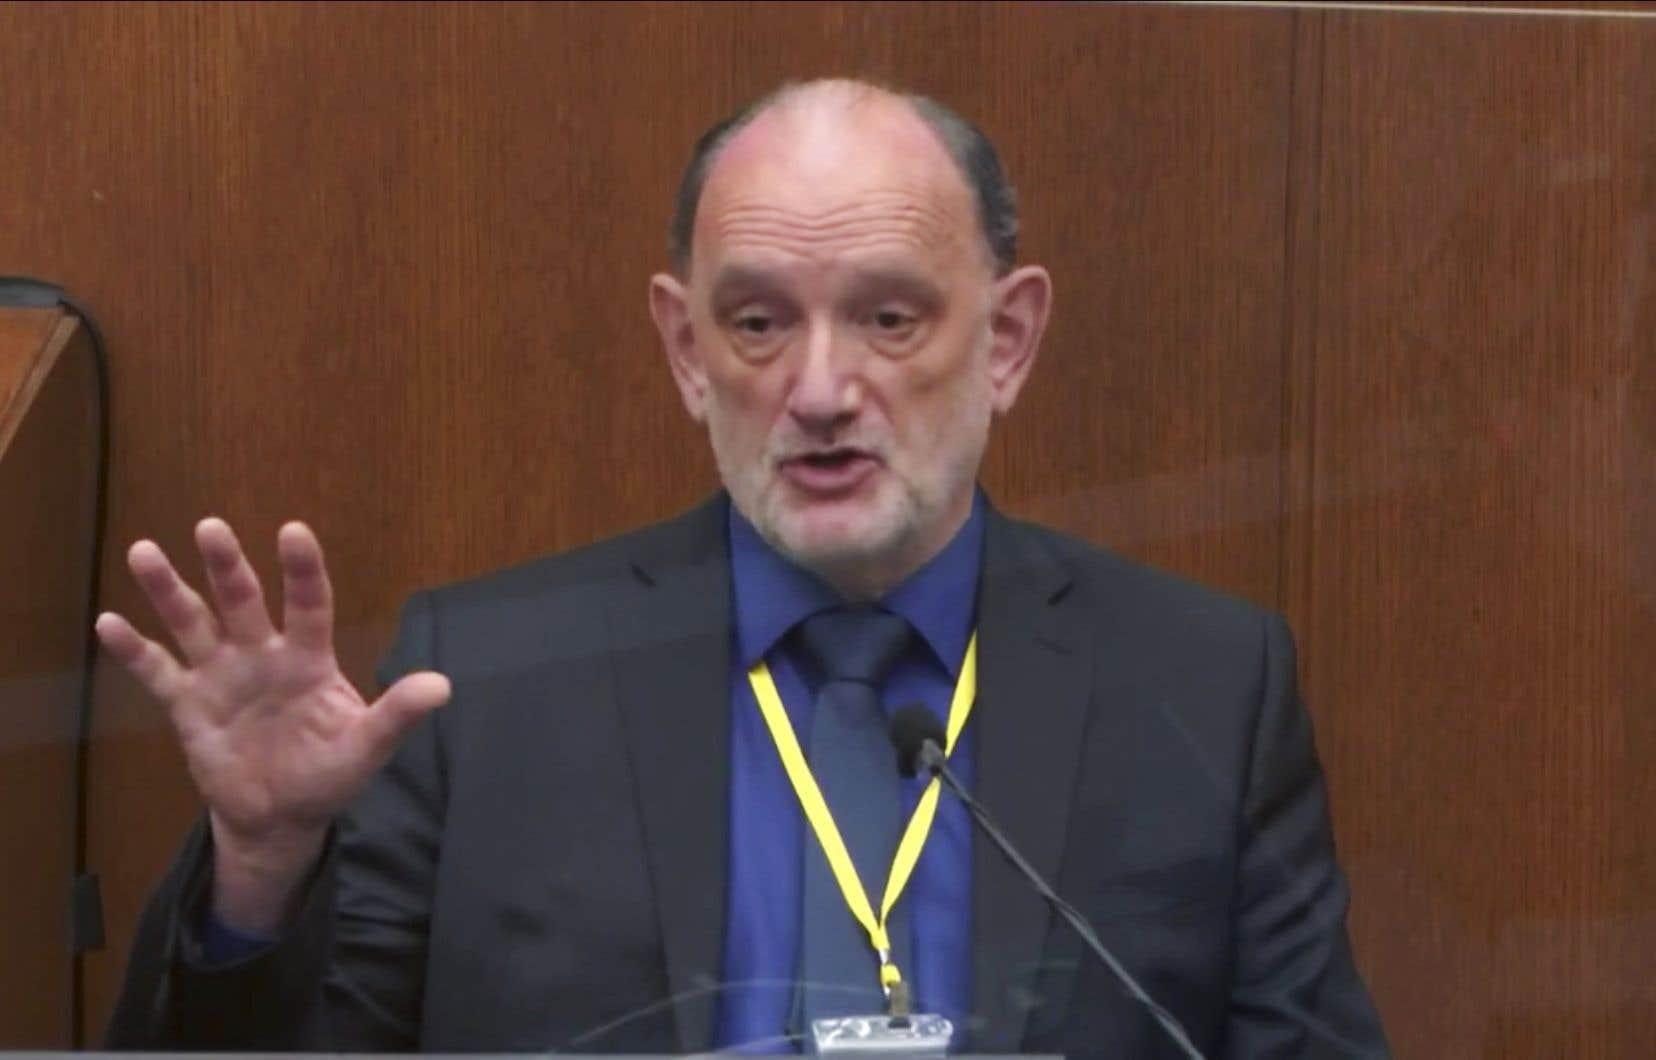 Pour David Fowler, médecin à la retraite après avoir occupé pendant 17ans le poste de médecin légiste en chef du Maryland, George Floyd est décédé des suites d'une faiblesse cardiaque couplée à une consommation de drogues illégales cette journée-là.